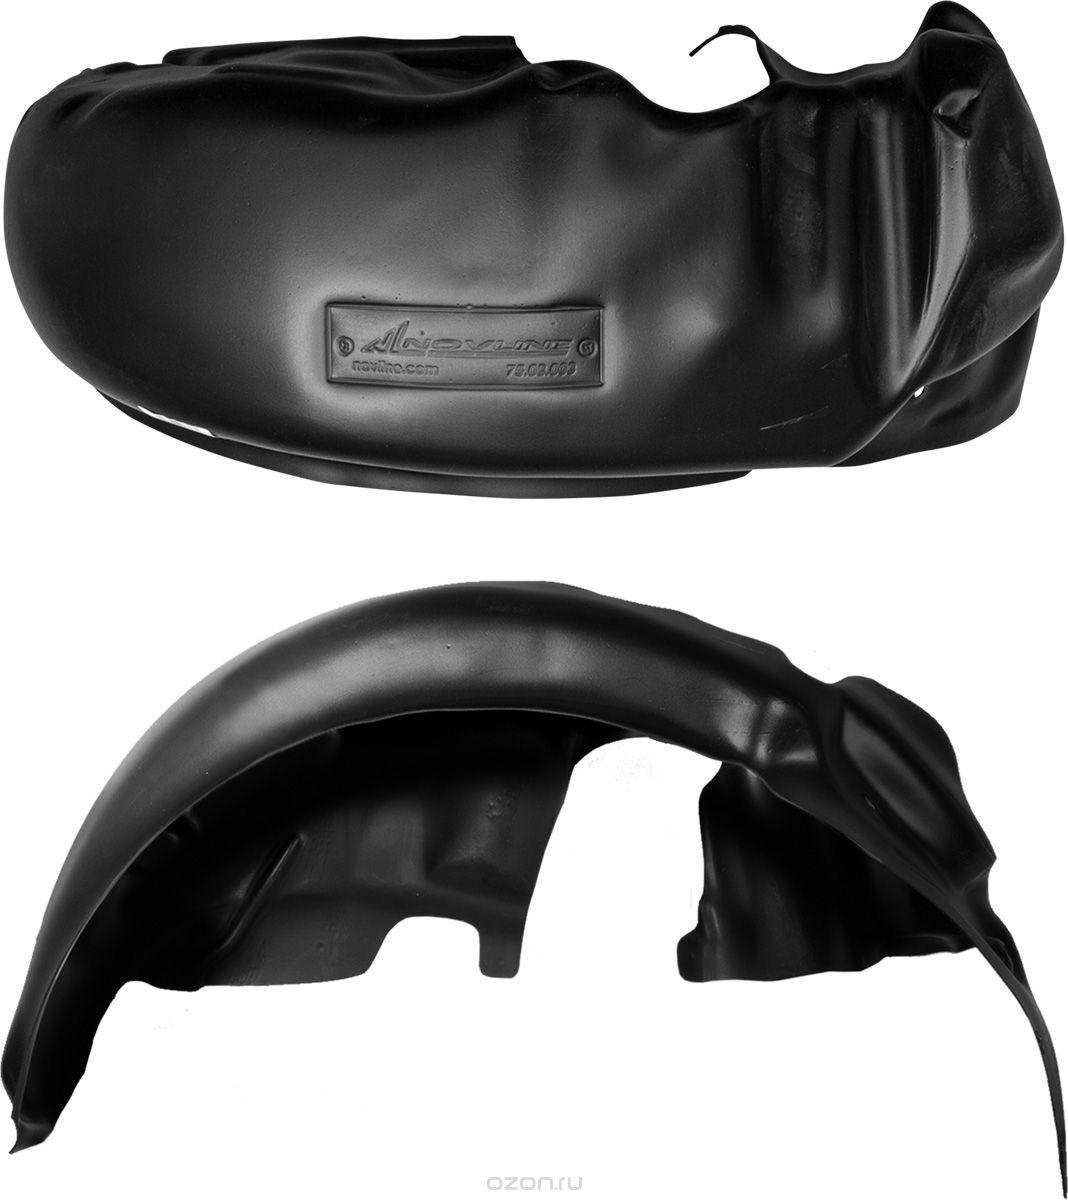 Подкрылок Novline-Autofamily, для Toyota Camry, 2011-2014, 2014->, передний левыйNLL.48.51.001Идеальная защита колесной ниши. Локеры разработаны с применением цифровых технологий, гарантируют максимальную повторяемость поверхности арки. Изделия устанавливаются без нарушения лакокрасочного покрытия автомобиля, каждый подкрылок комплектуется крепежом. Уважаемые клиенты, обращаем ваше внимание, что фотографии на подкрылки универсальные и не отражают реальную форму изделия. При этом само изделие идет точно под размер указанного автомобиля.